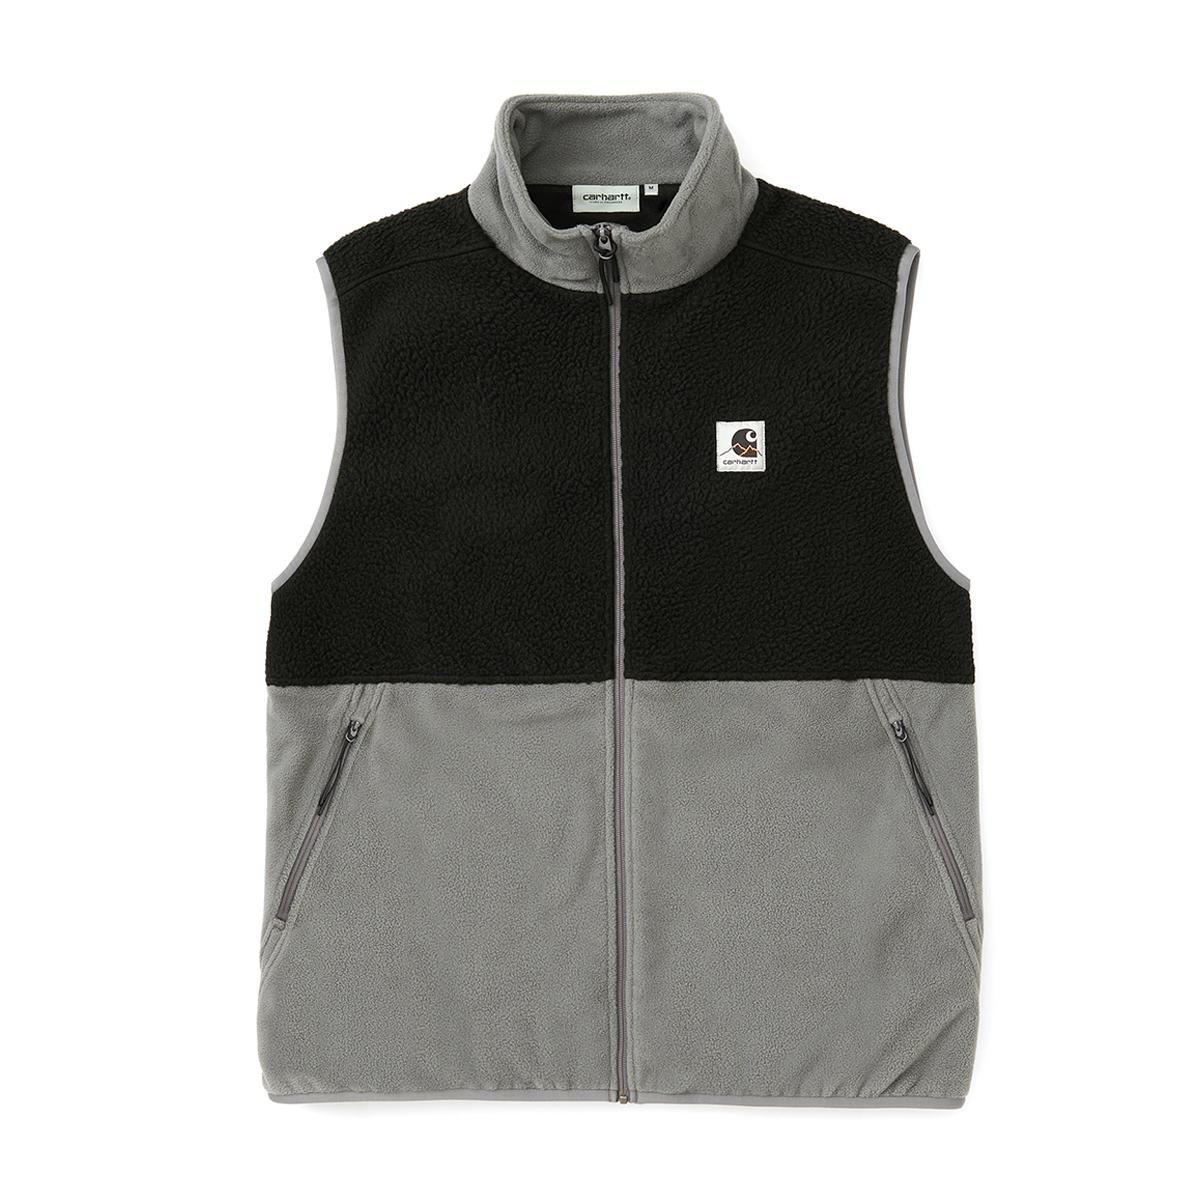 Outdoor C Vest